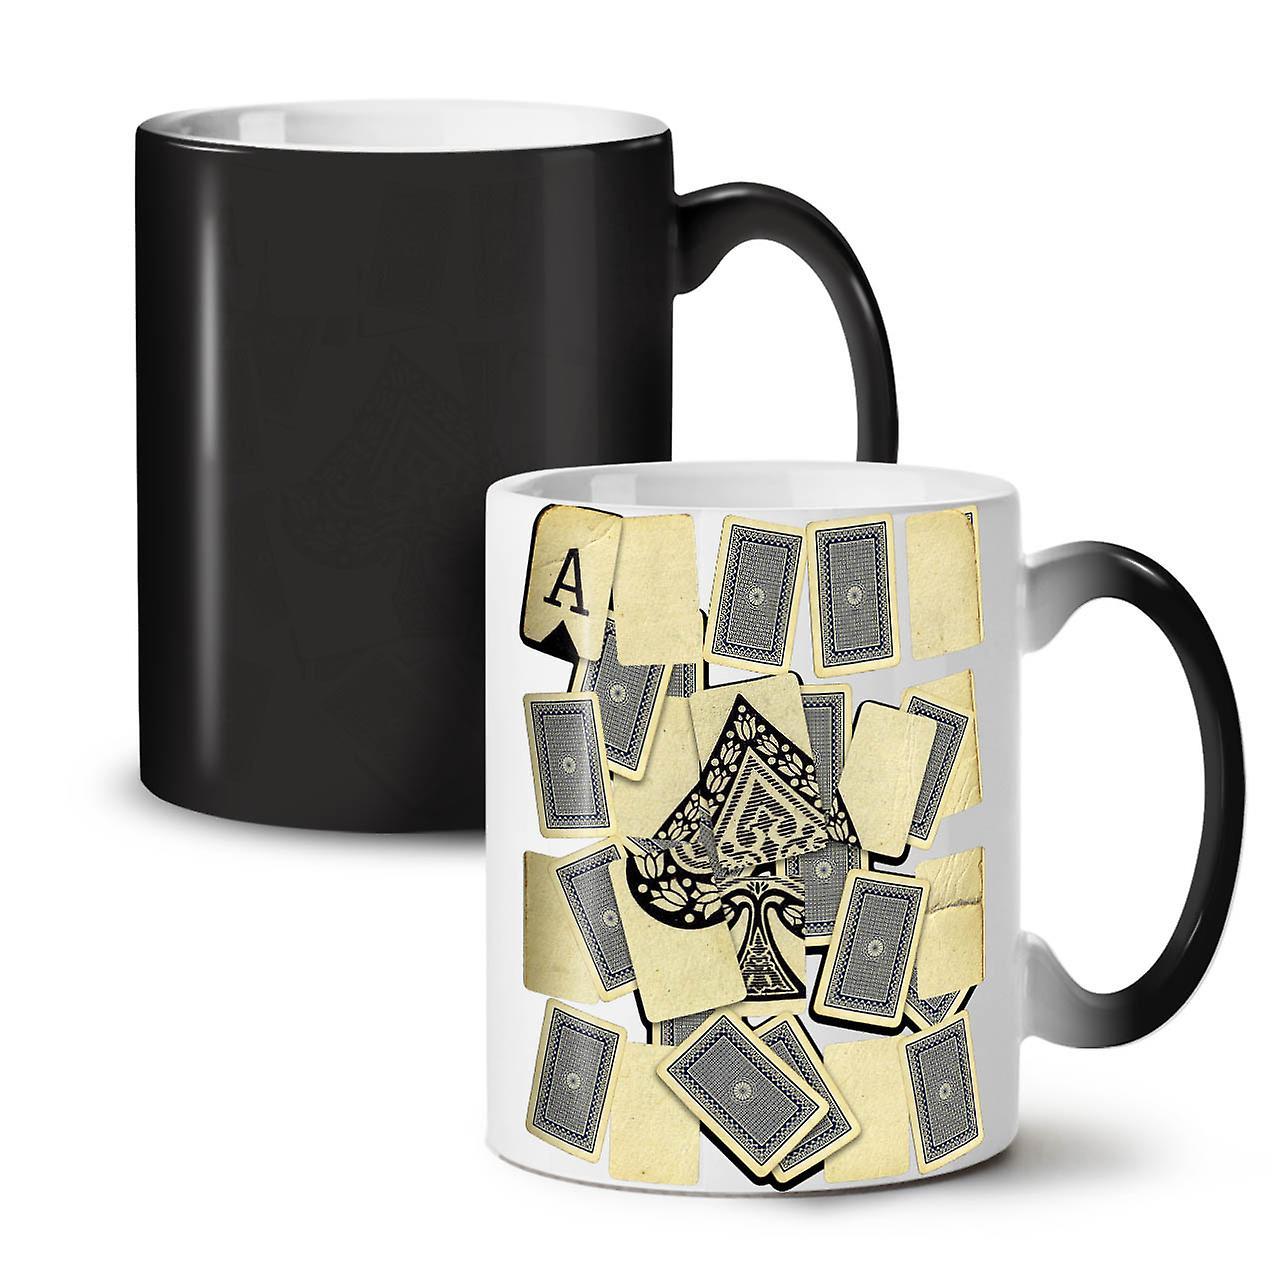 Café Carte Thé Céramique Nouveau OzWellcoda Changeant De Noir Tasse Spades Ace Of Couleur 11 BxCerdoW